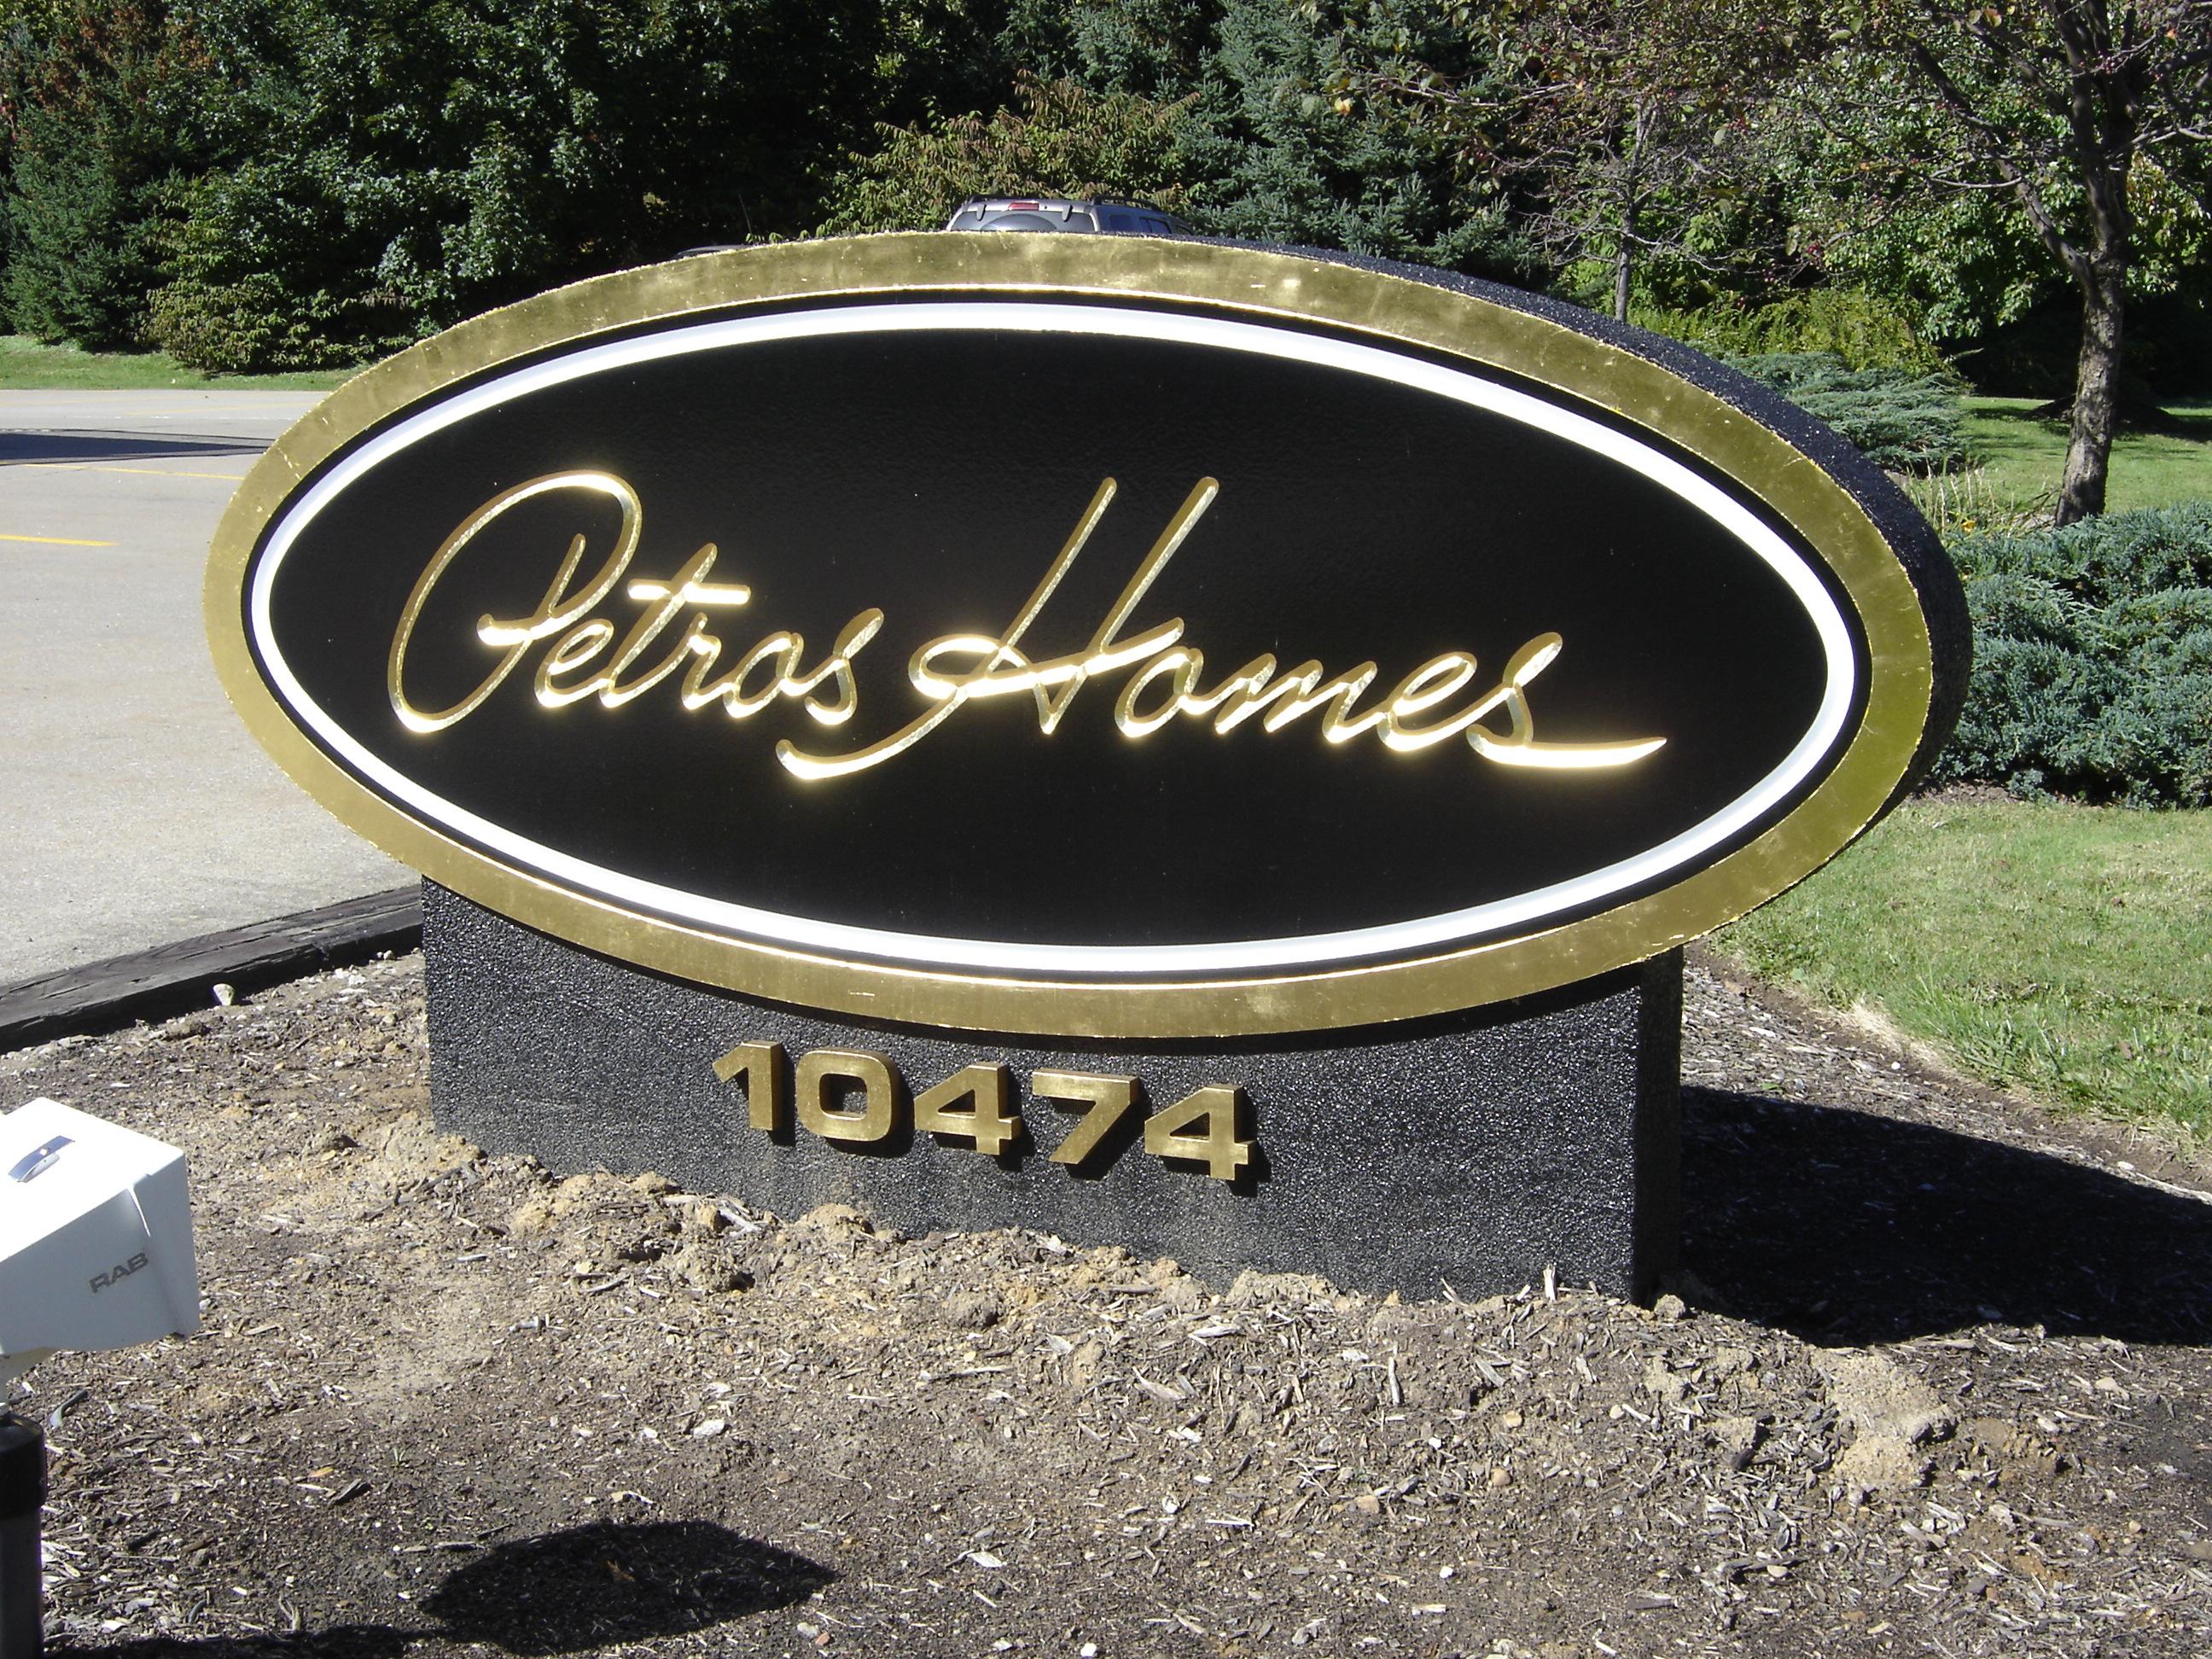 Petros Homes